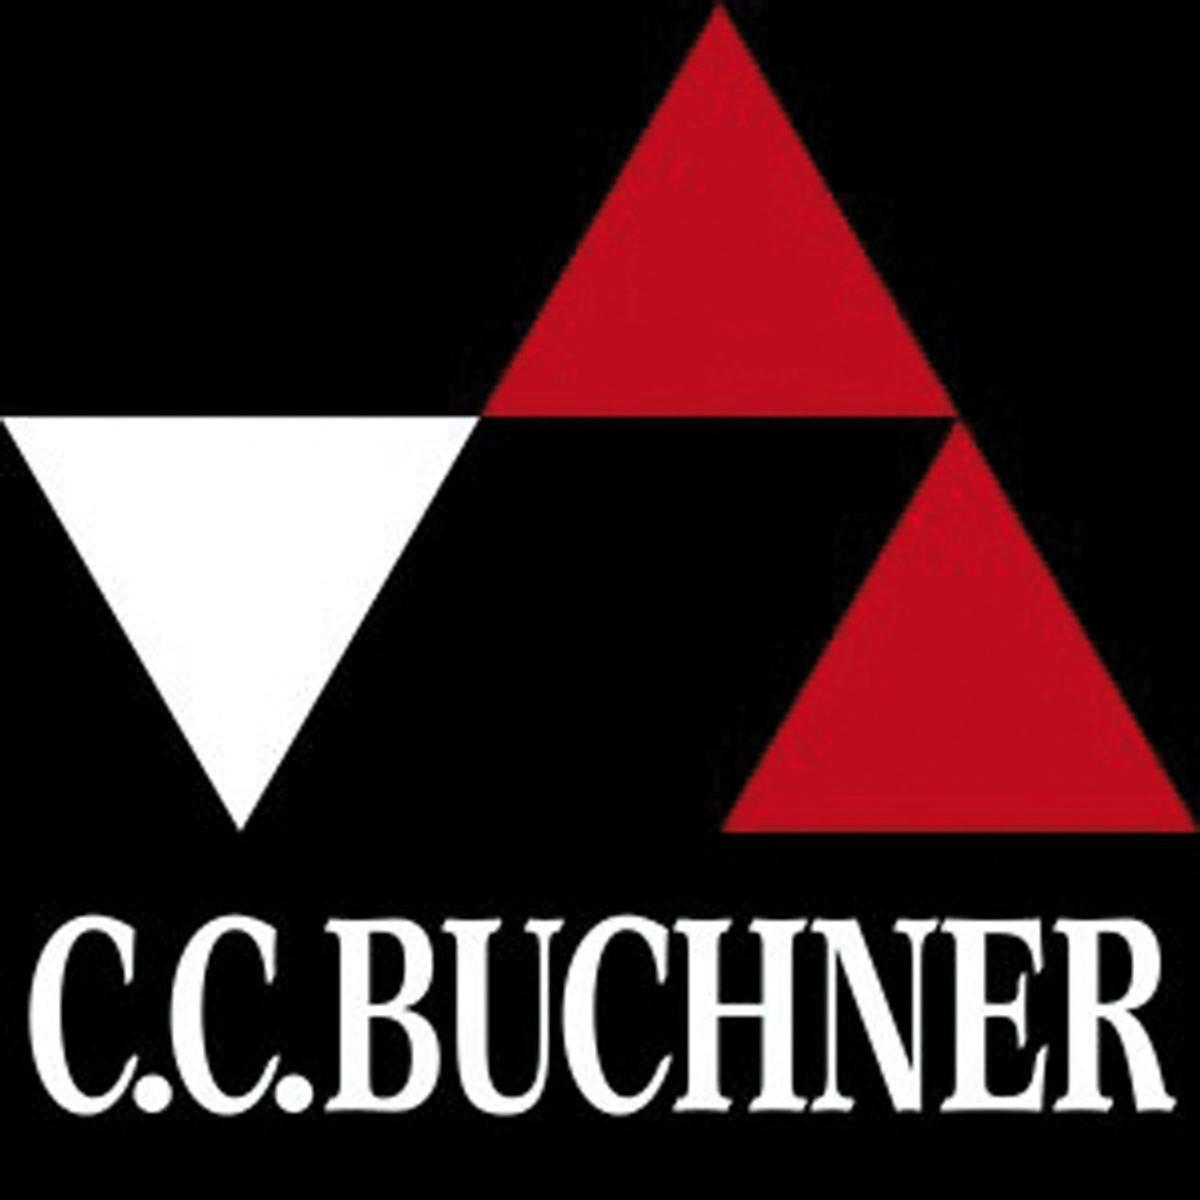 Der 8. C. C. Buchner-Preis